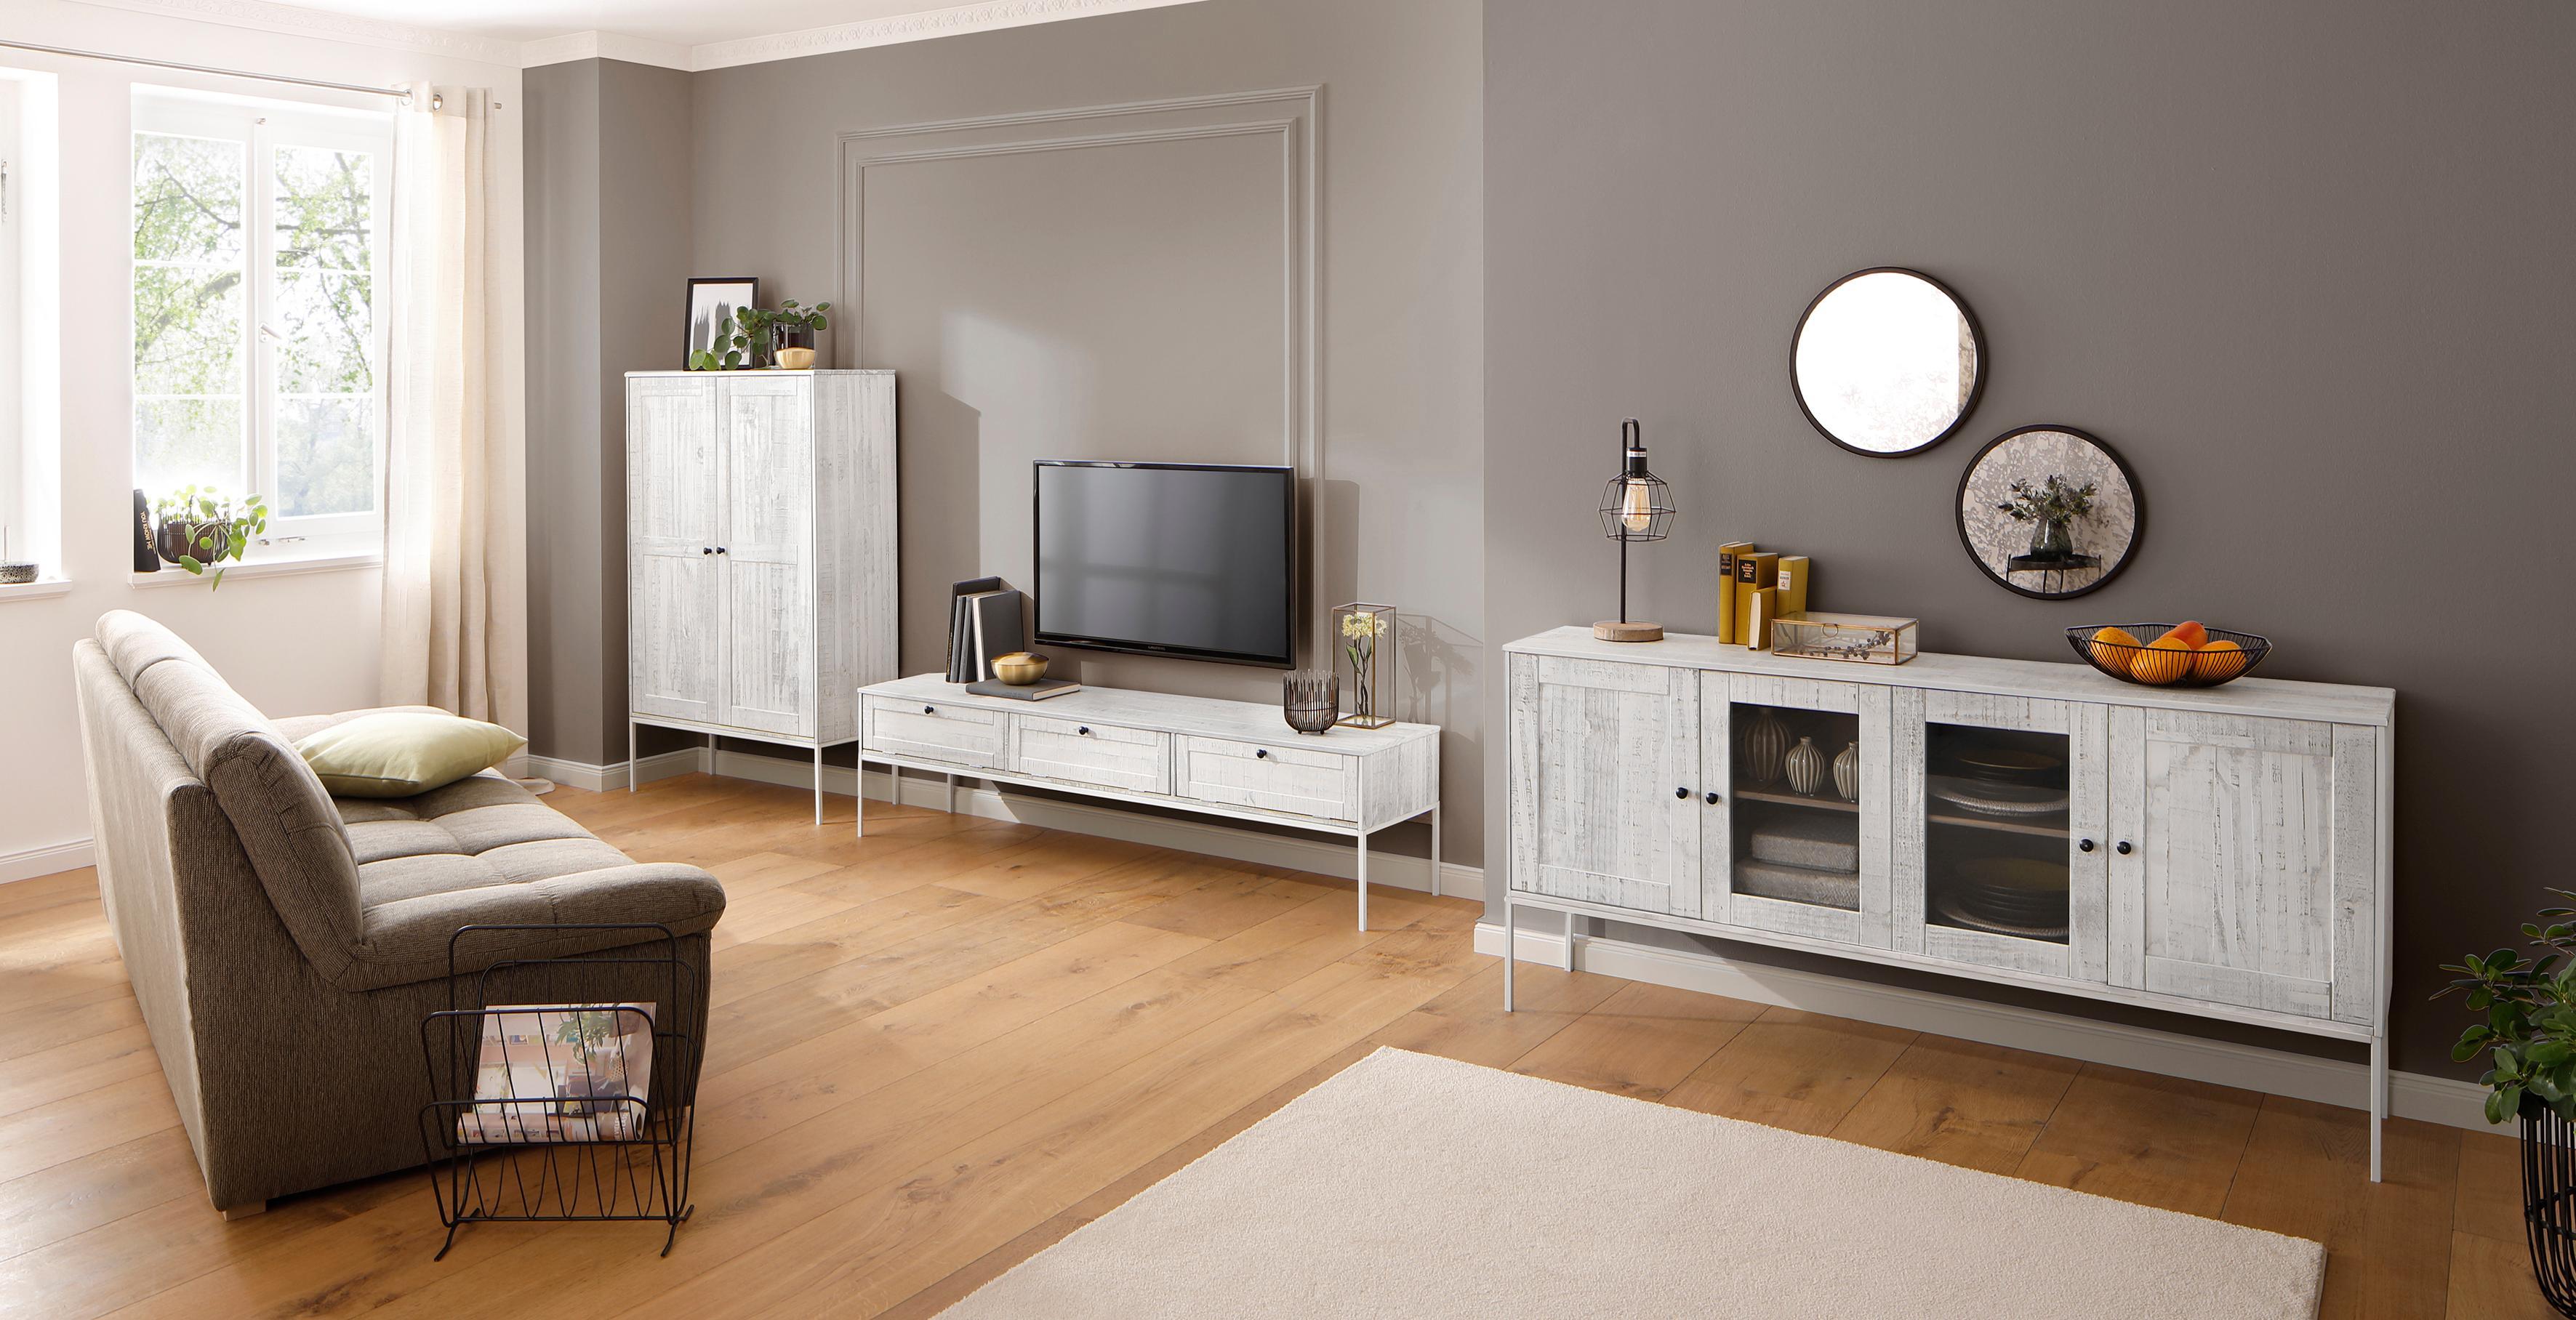 Home affaire Glasvitrine »Freya« mit 2 Holztüren und quadratische Röhrenbeine, in zwei verschiedenen Farben   Wohnzimmer > Vitrinen > Glasvitrinen   Natur   HOME AFFAIRE